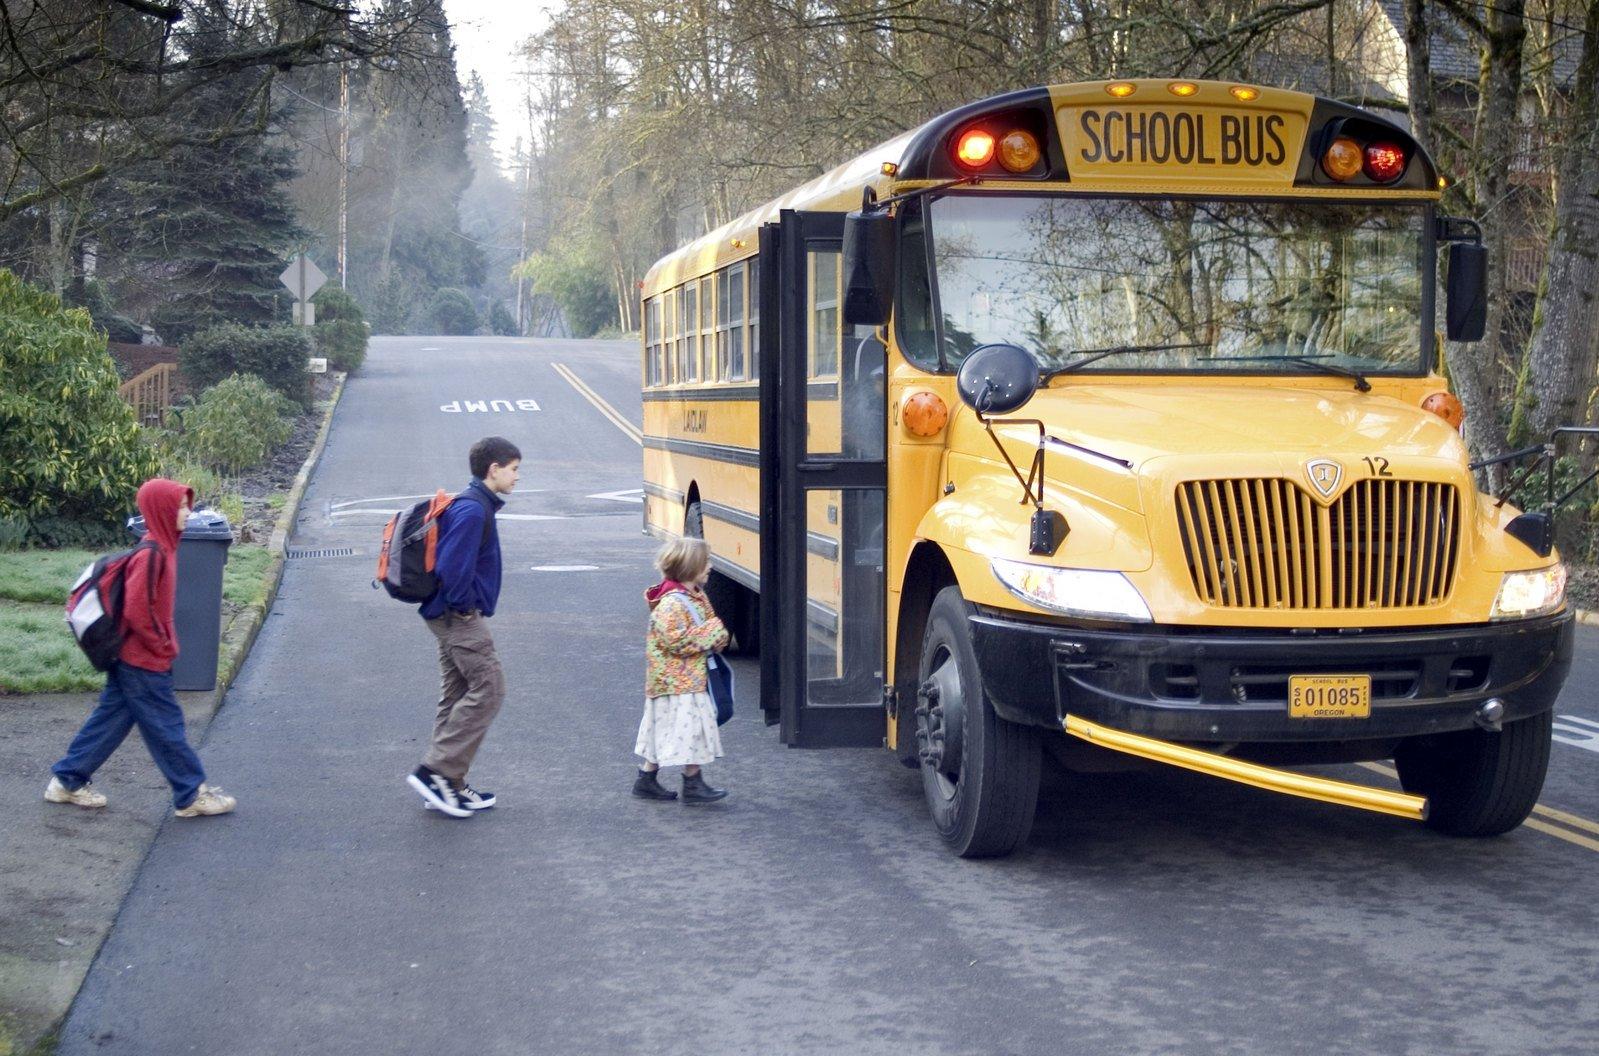 school-bus-1525654.jpg